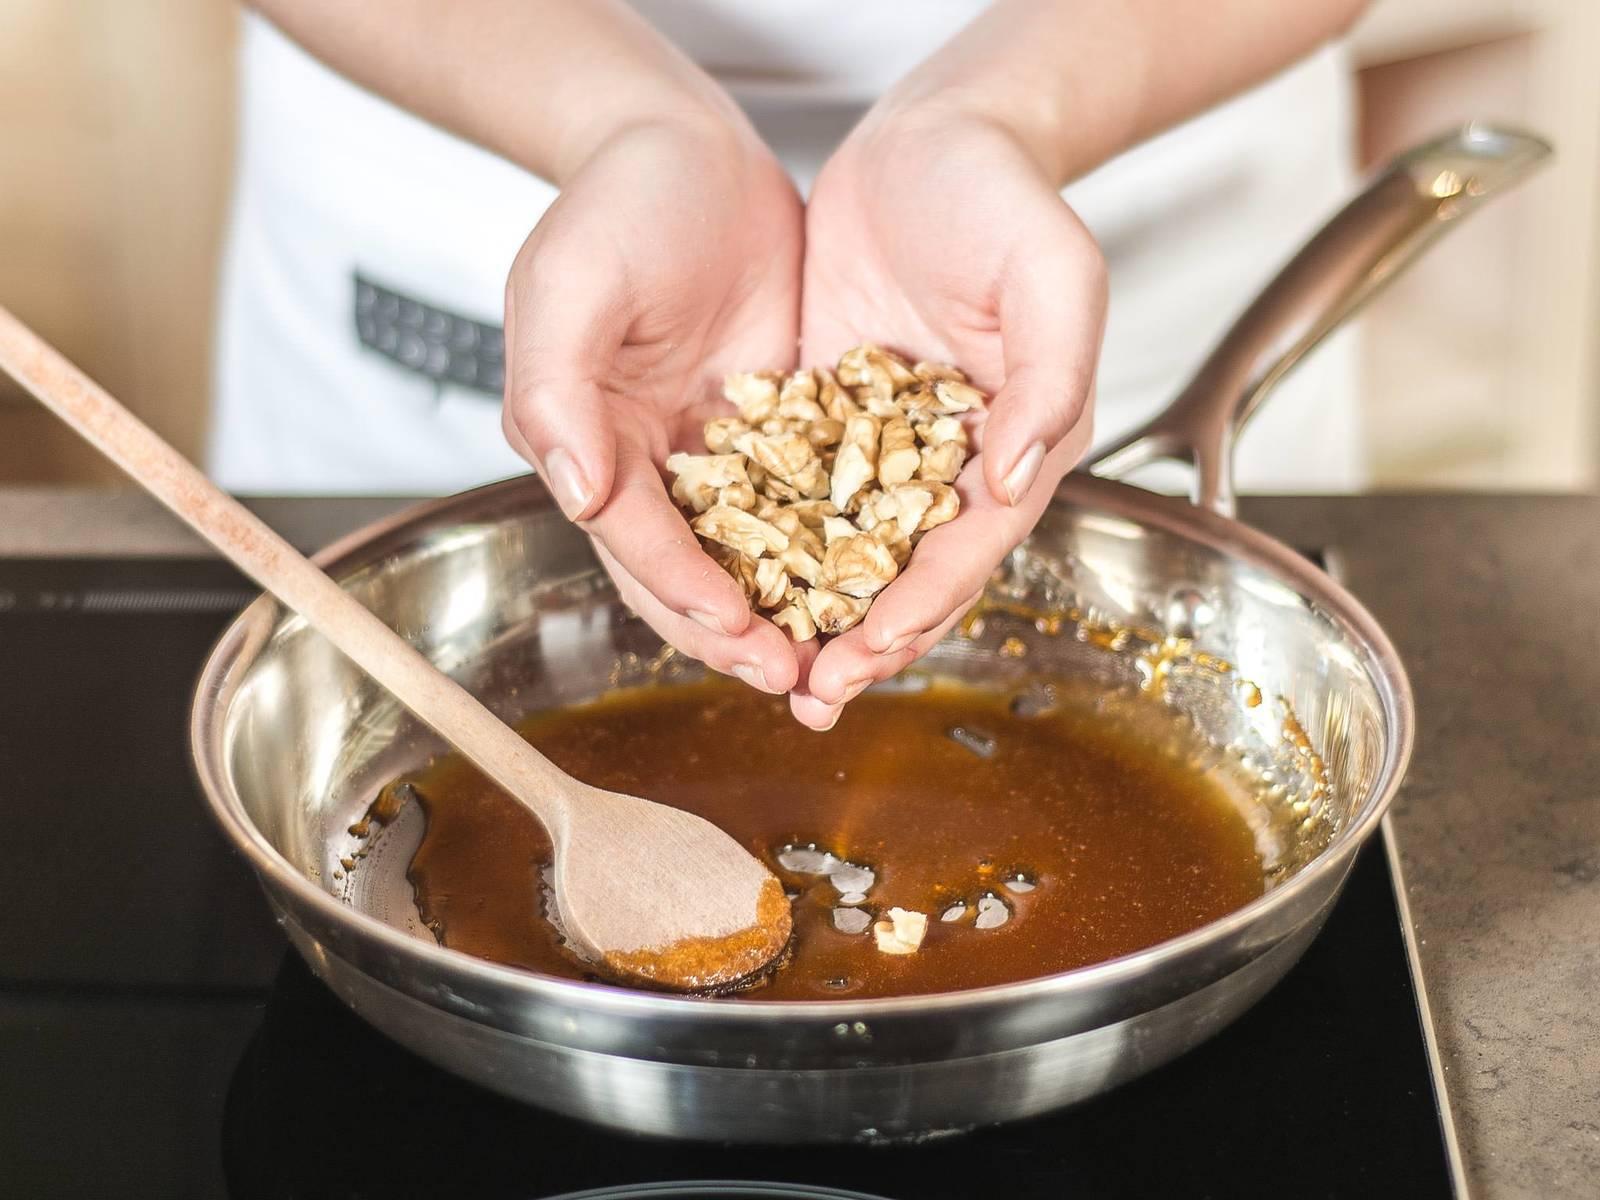 Zucker in einer Pfanne karamellisieren lassen, bis dieser die Farbe von Bernstein annimmt. Anschließend gehackte Walnüsse hinzugeben und im Karamell wenden.